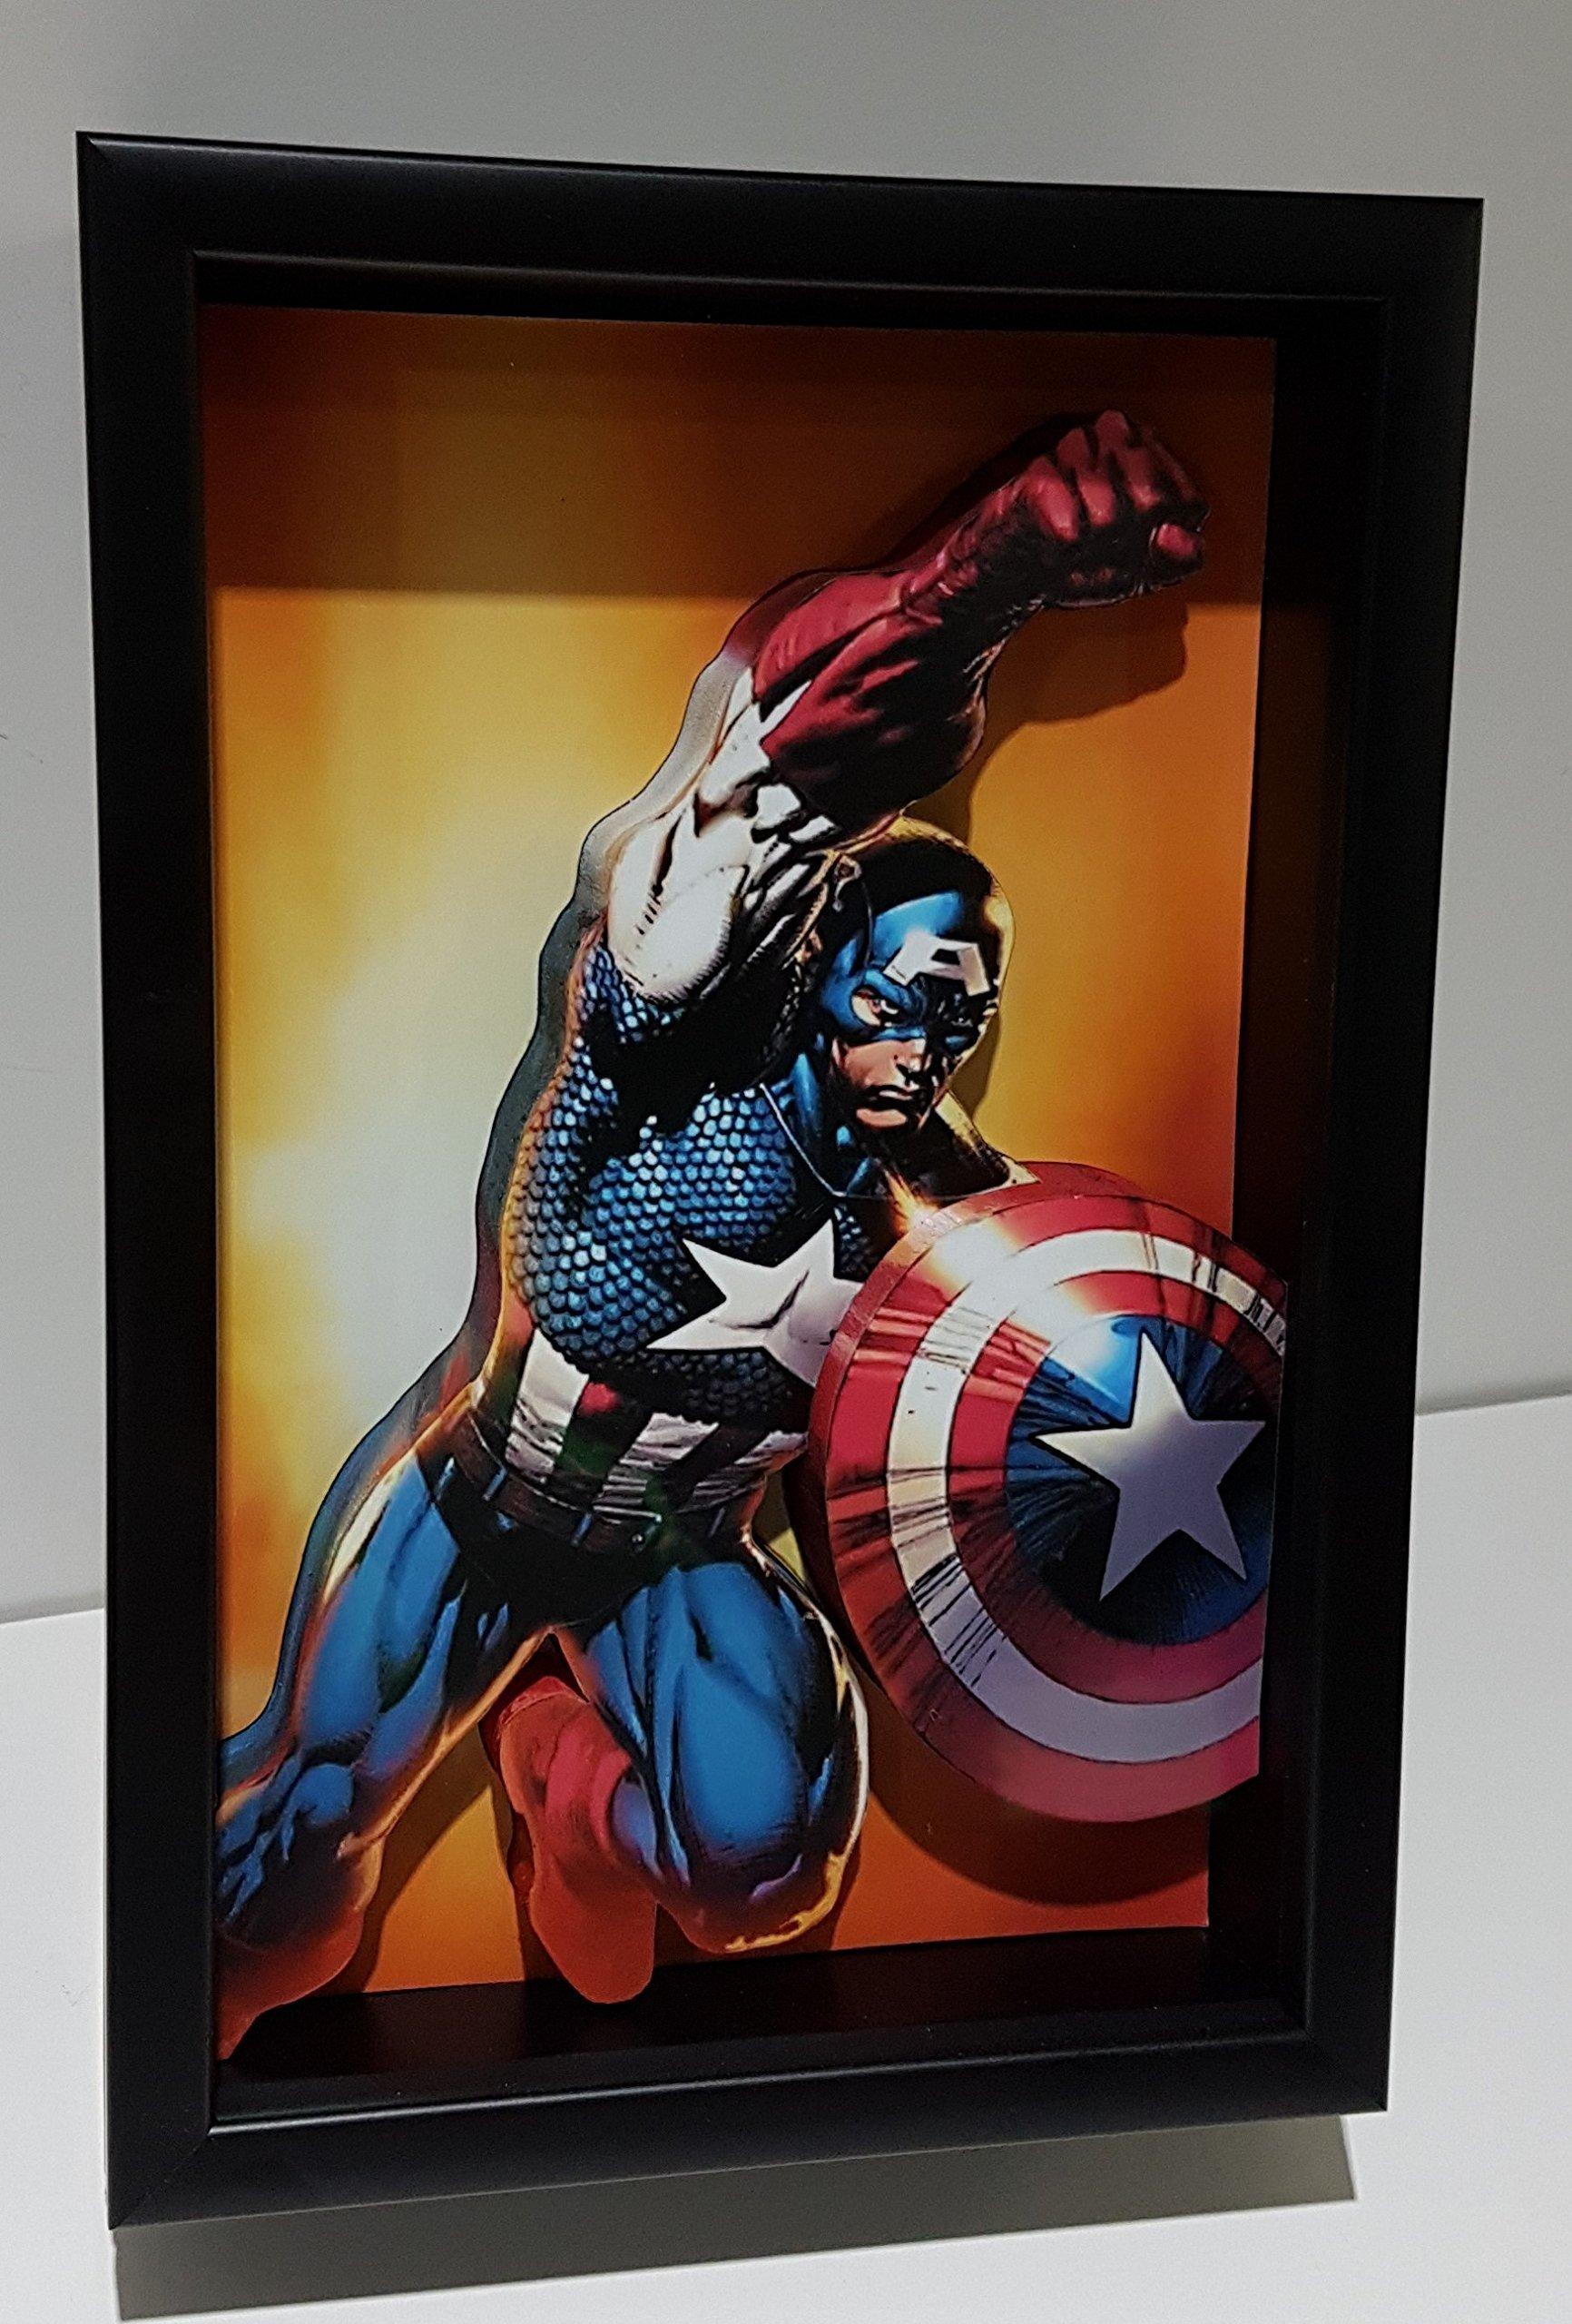 Captain America Picture Frame 3D Art Marvel Steve Rogers Super Hero Agent of Shield Avengers Comic